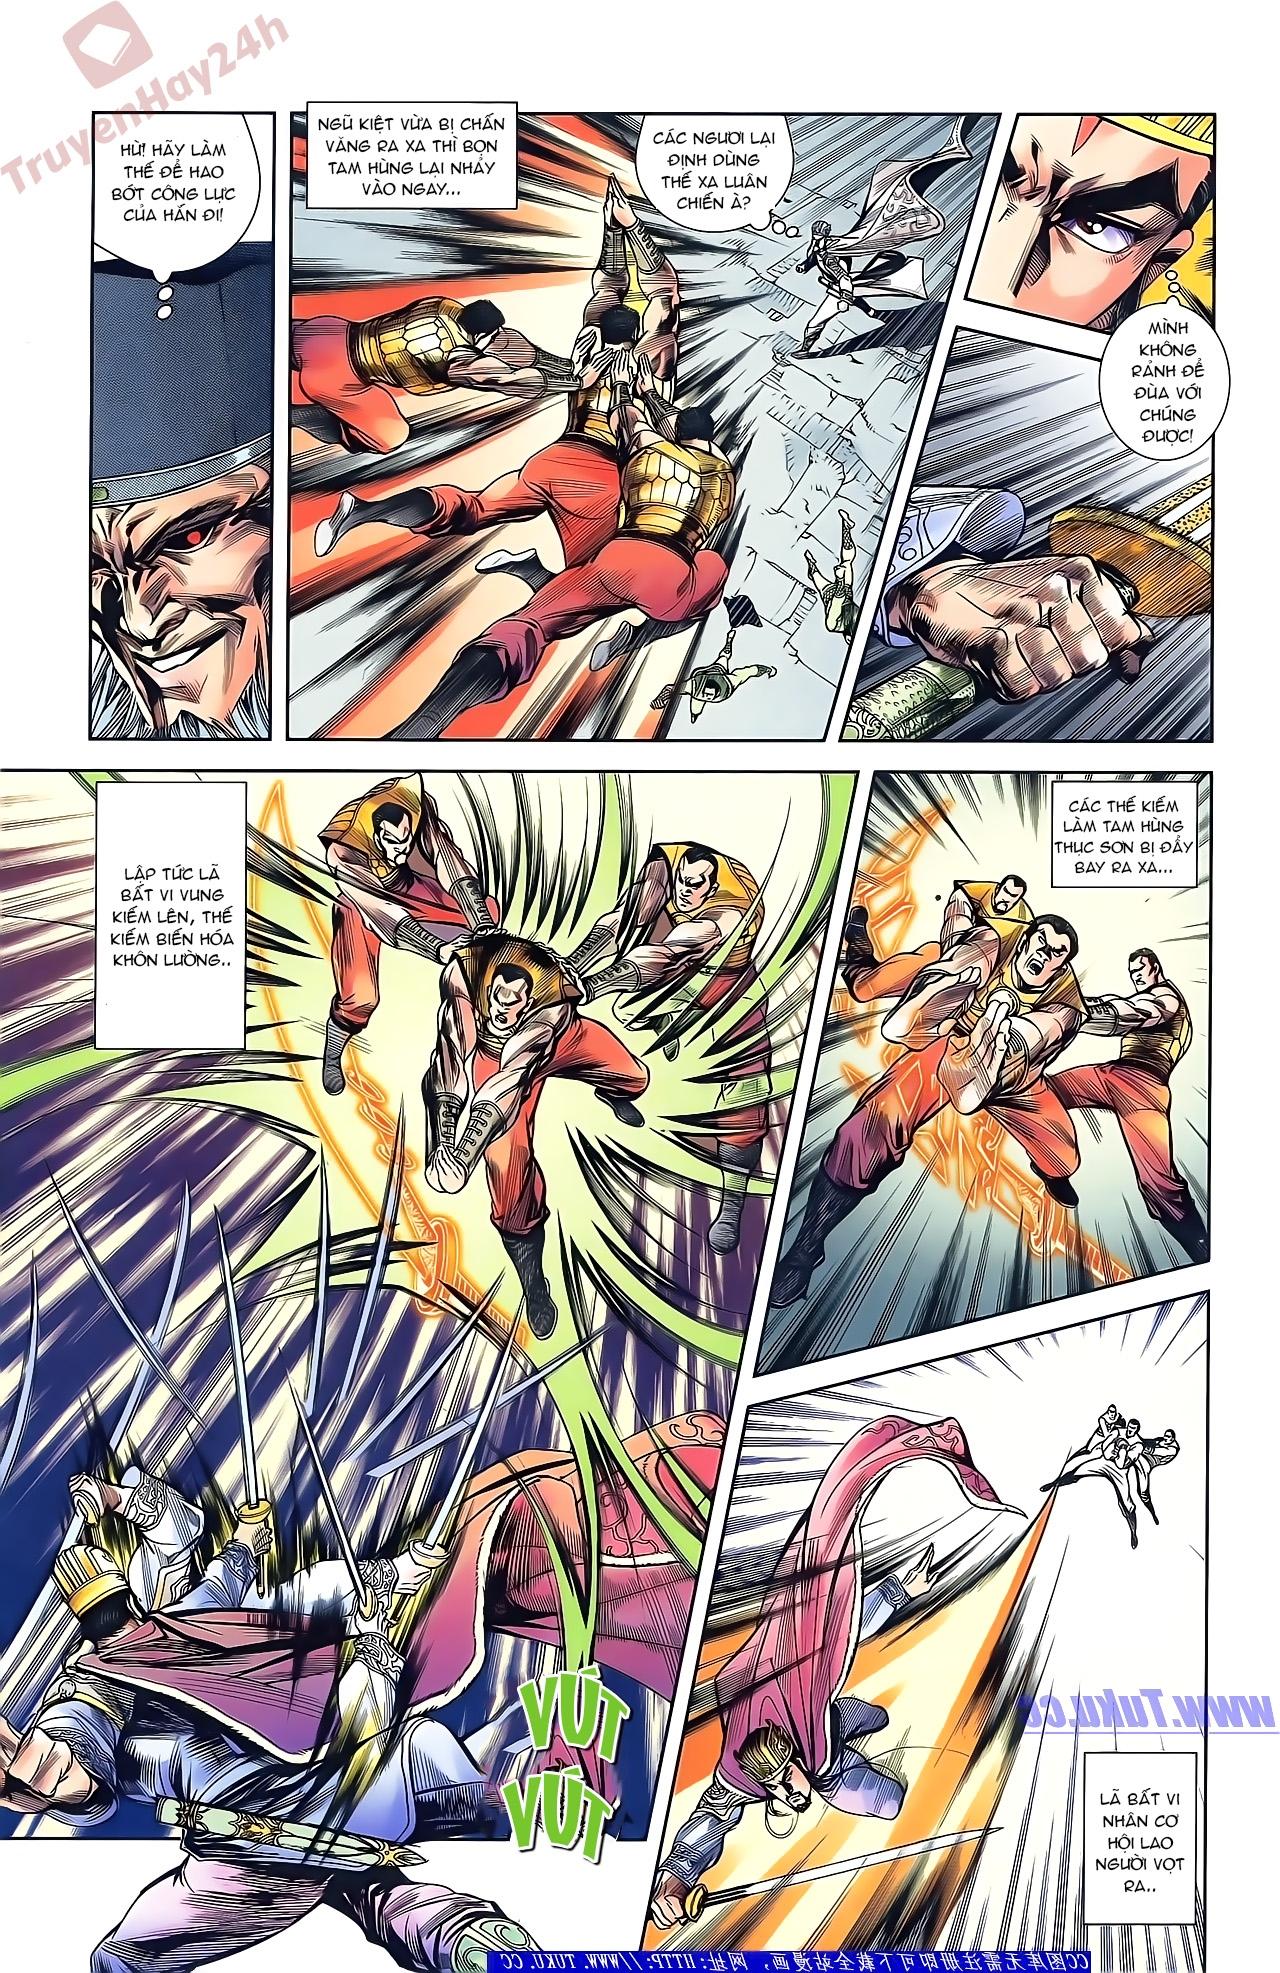 Tần Vương Doanh Chính chapter 45 trang 21